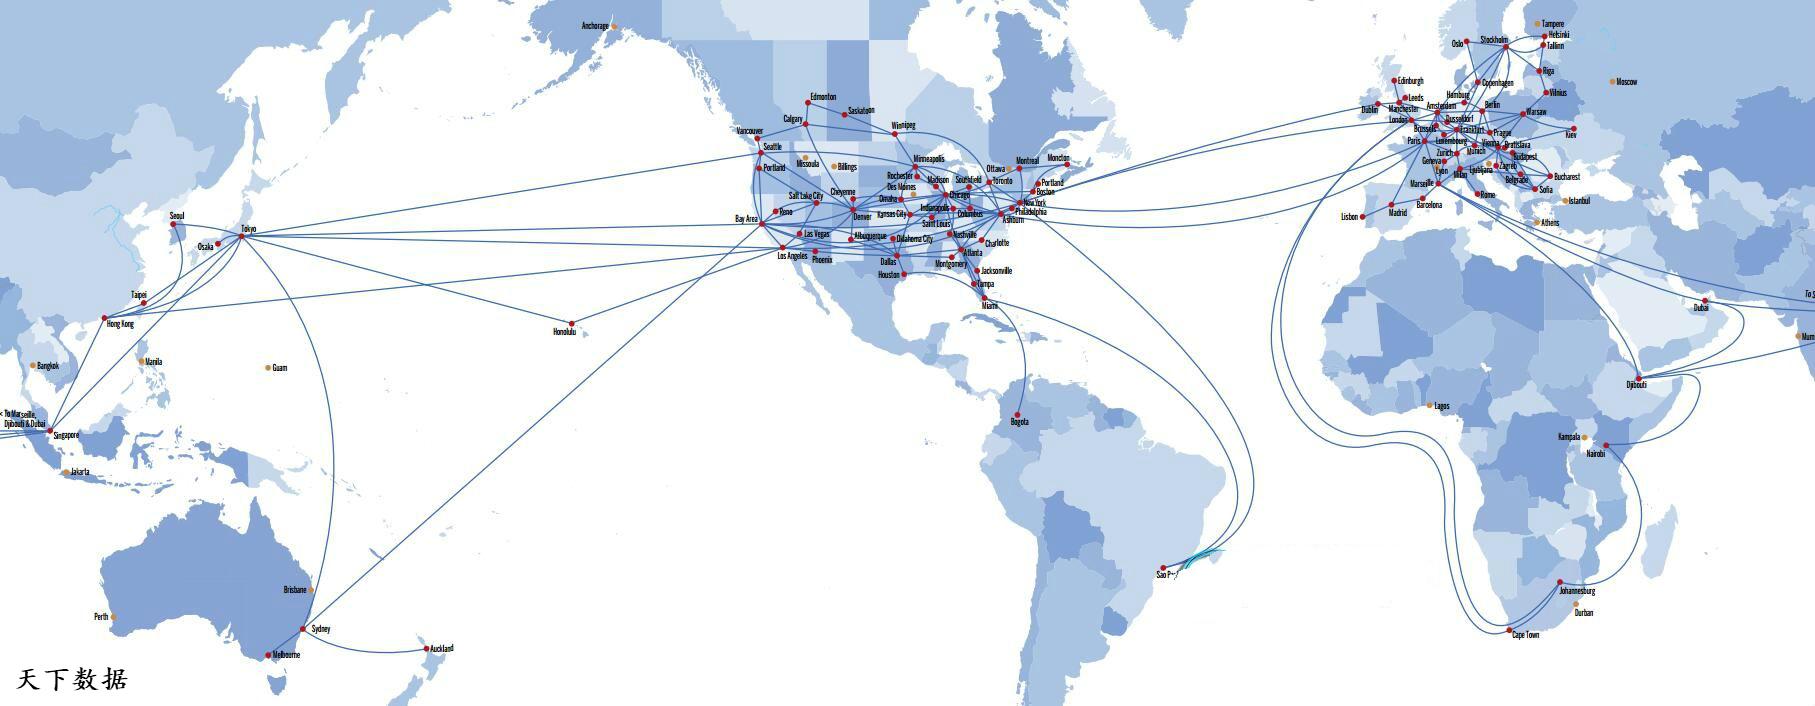 租用海外VPS云服务器线路的选择很重要